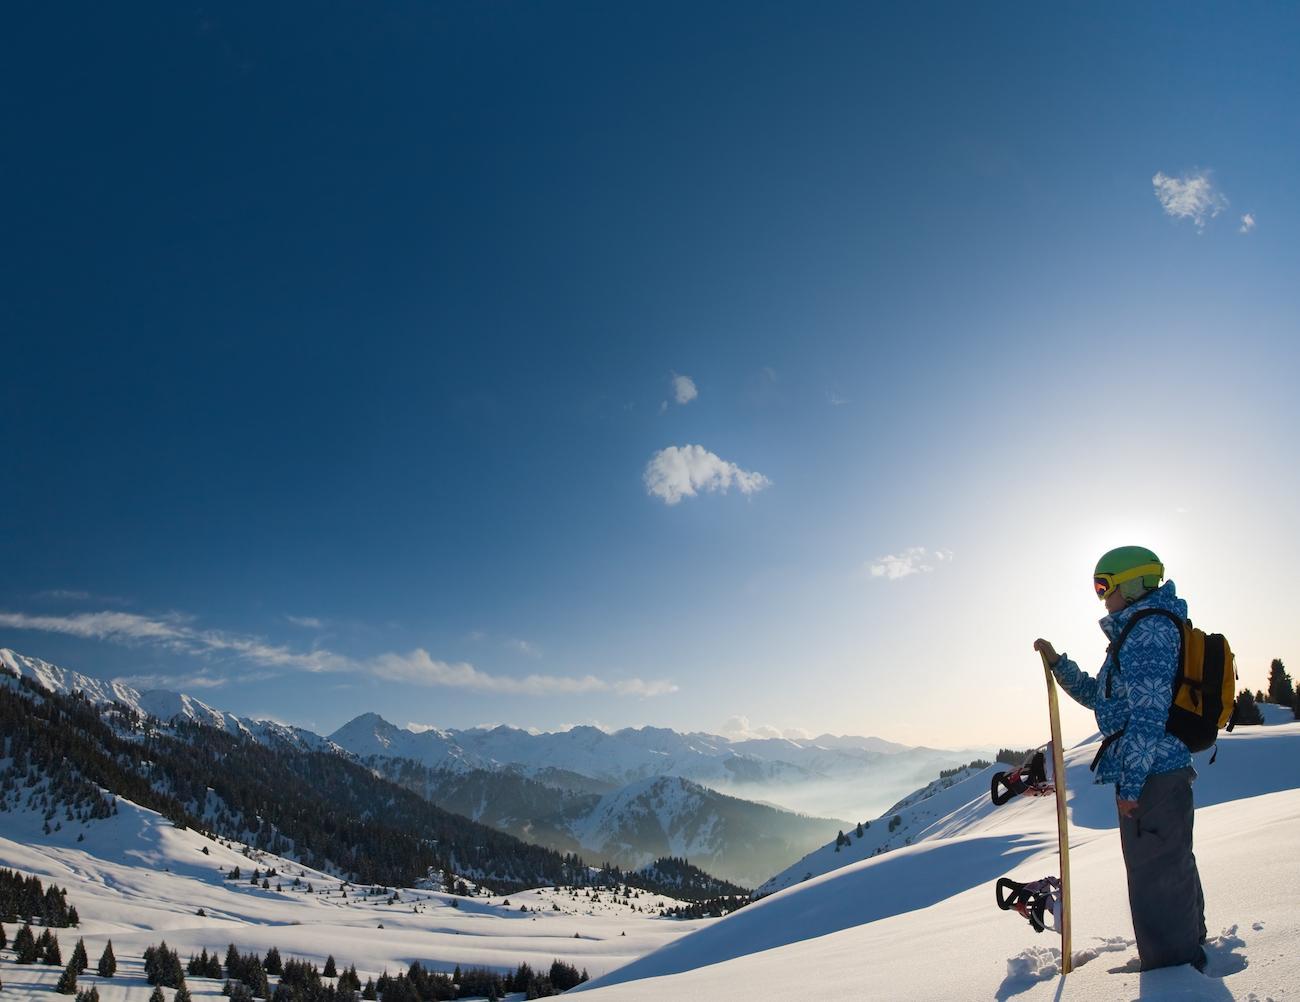 Grindelwald ski resort